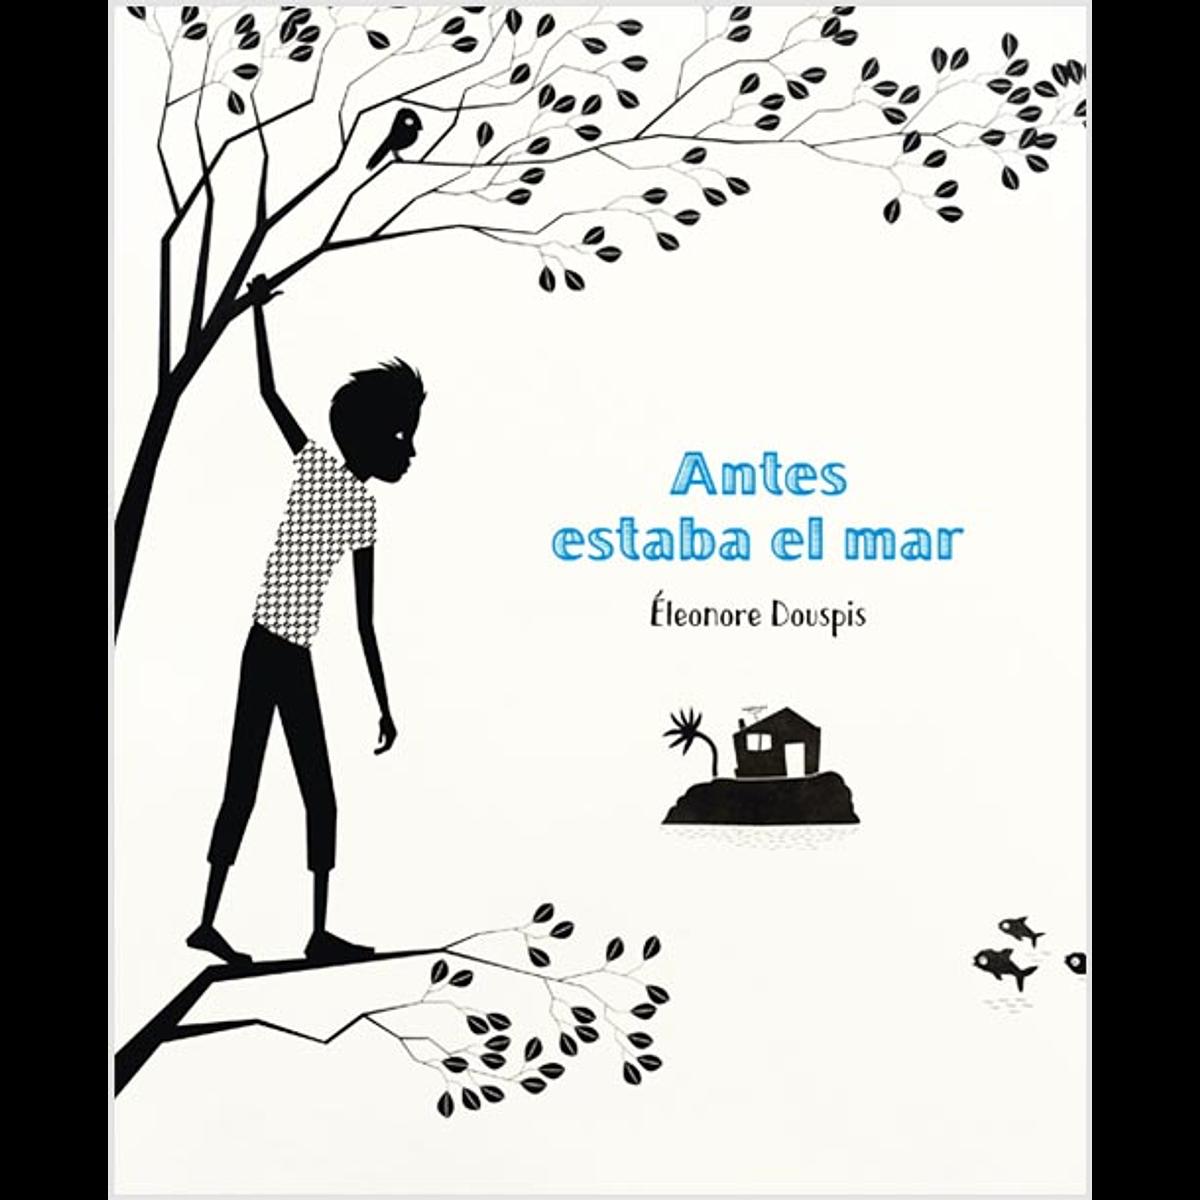 ANTES ESTABA EL MAR